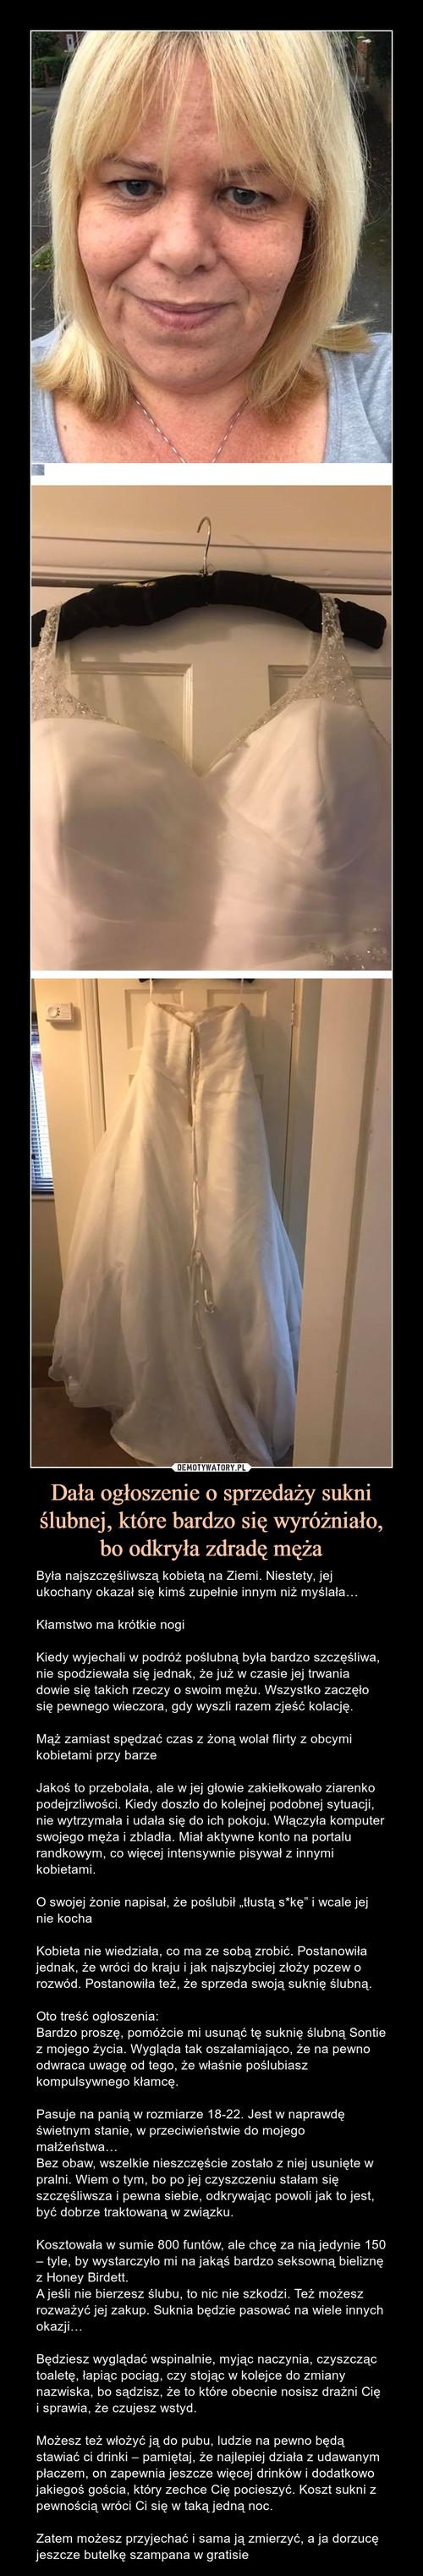 Dała ogłoszenie o sprzedaży sukni ślubnej, które bardzo się wyróżniało, bo odkryła zdradę męża